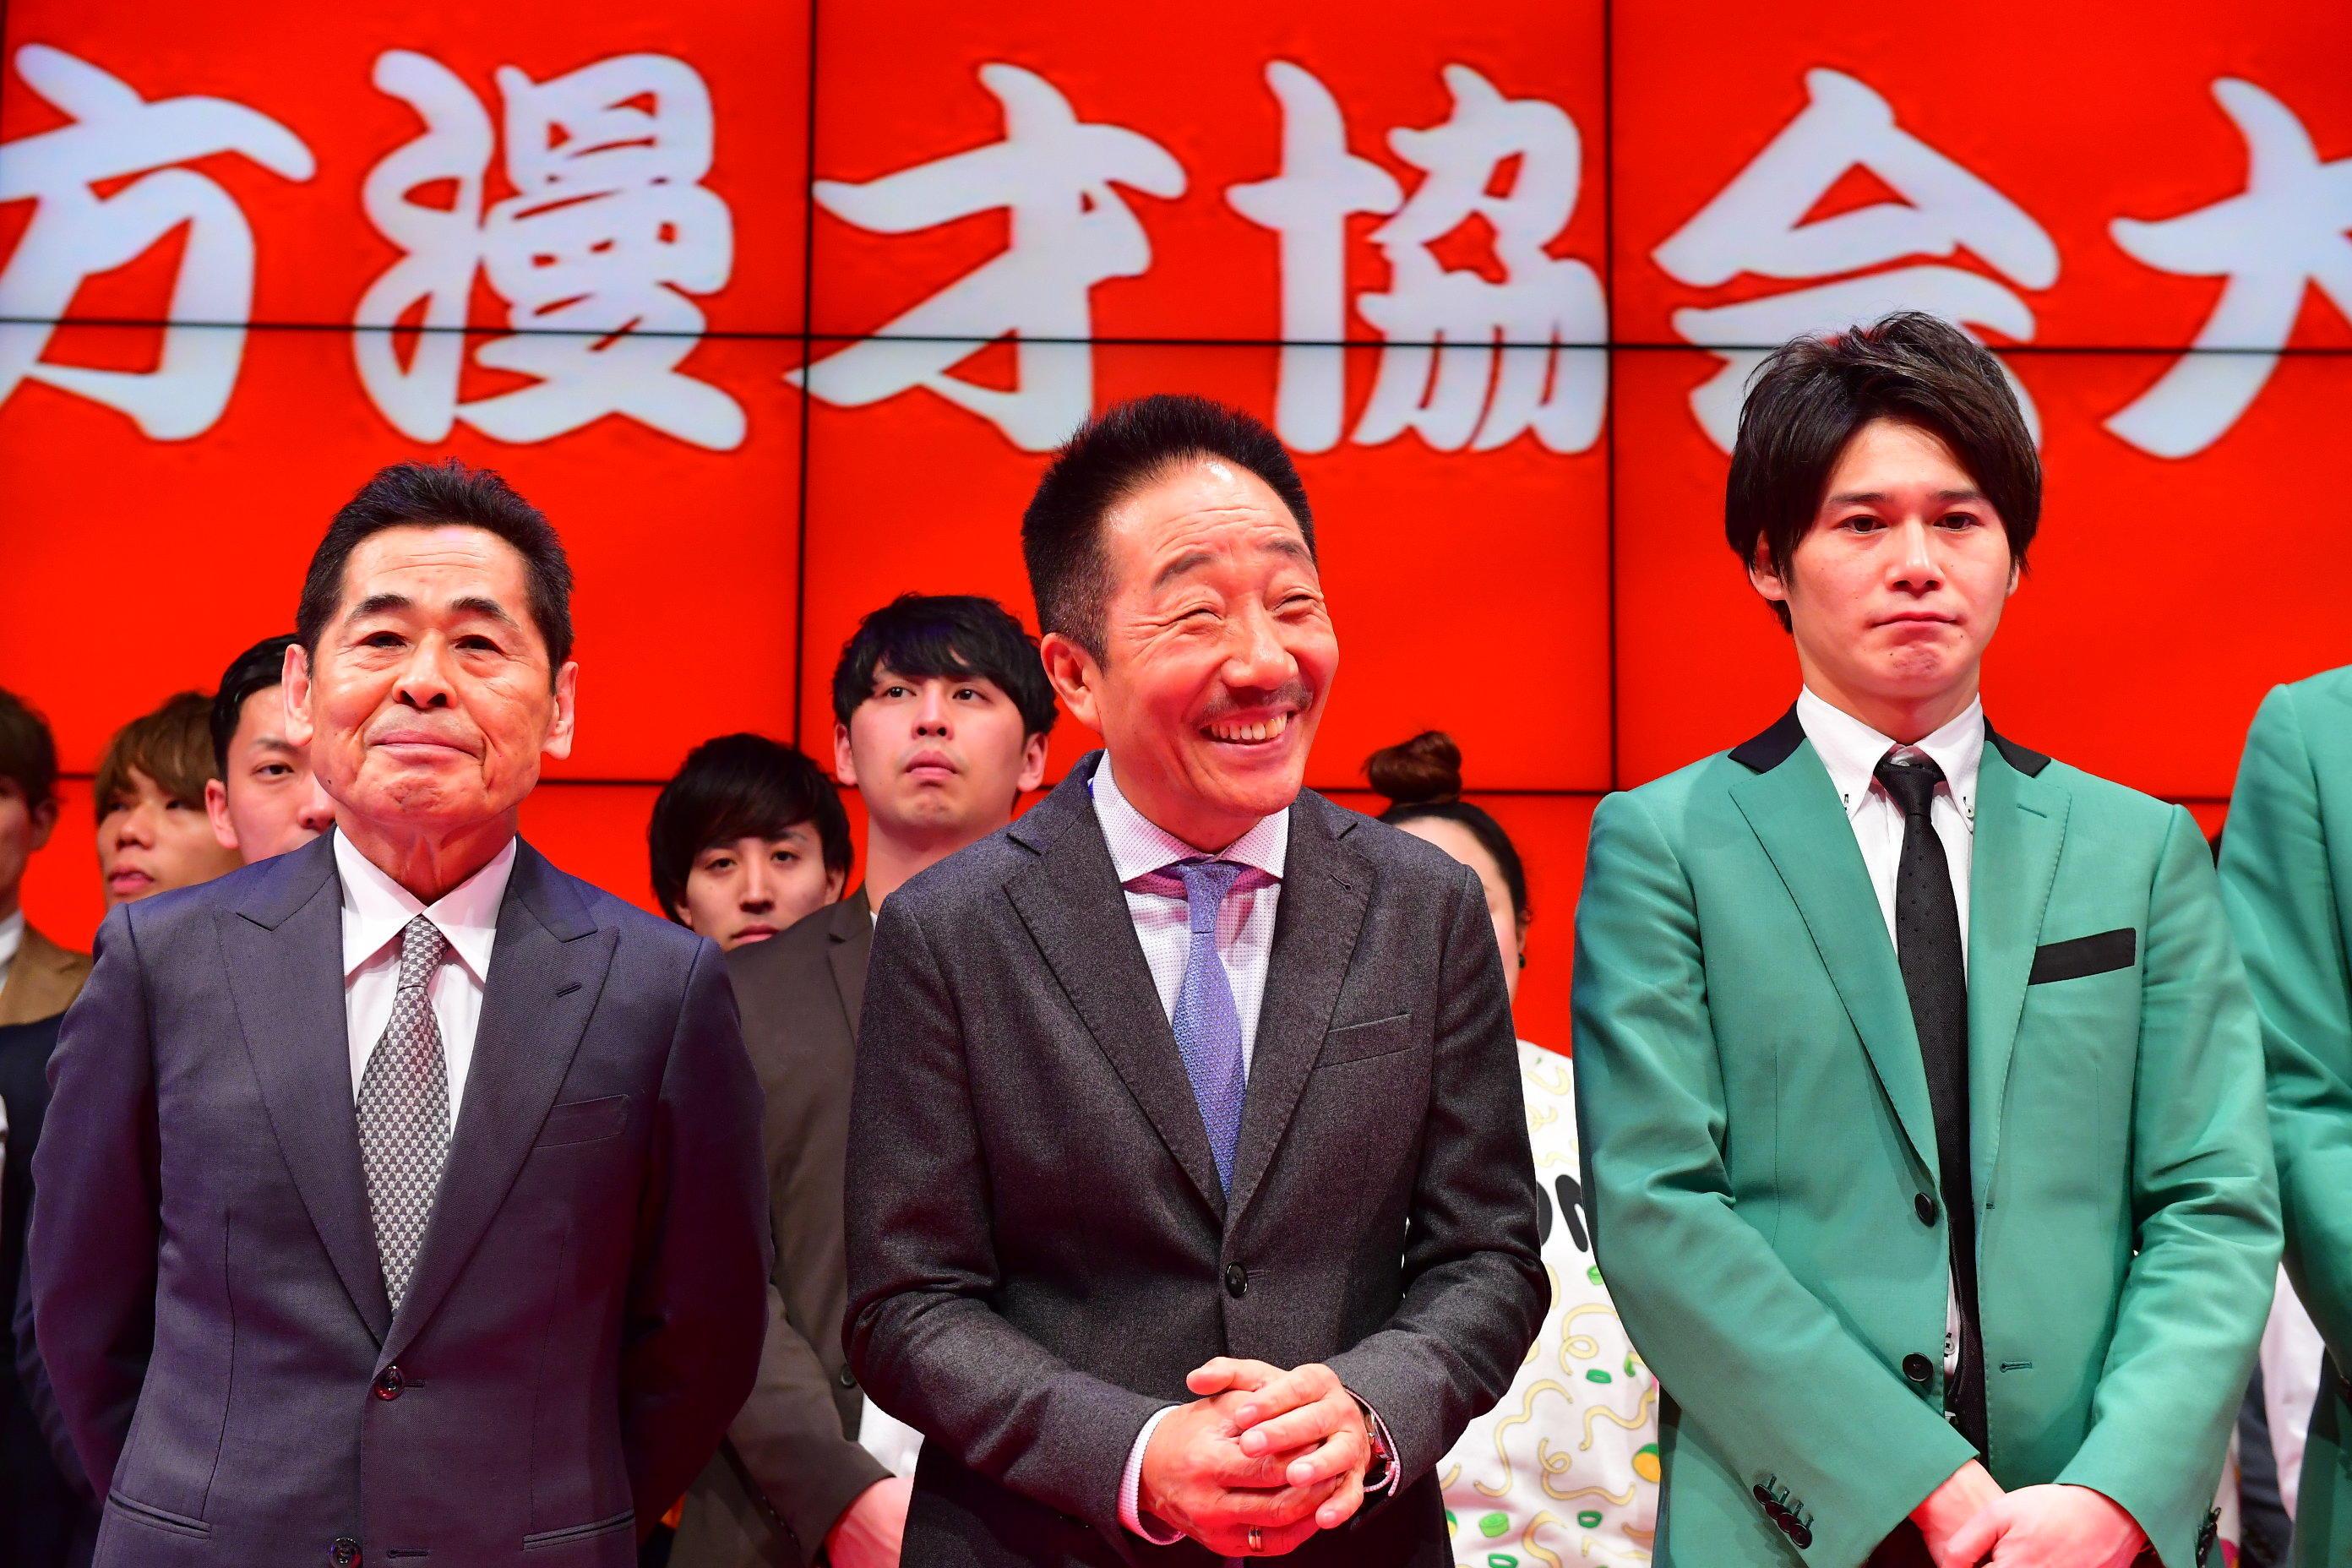 http://news.yoshimoto.co.jp/20180109020925-b1b80bc6cb8245158bd1db580873ca666fe25974.jpg